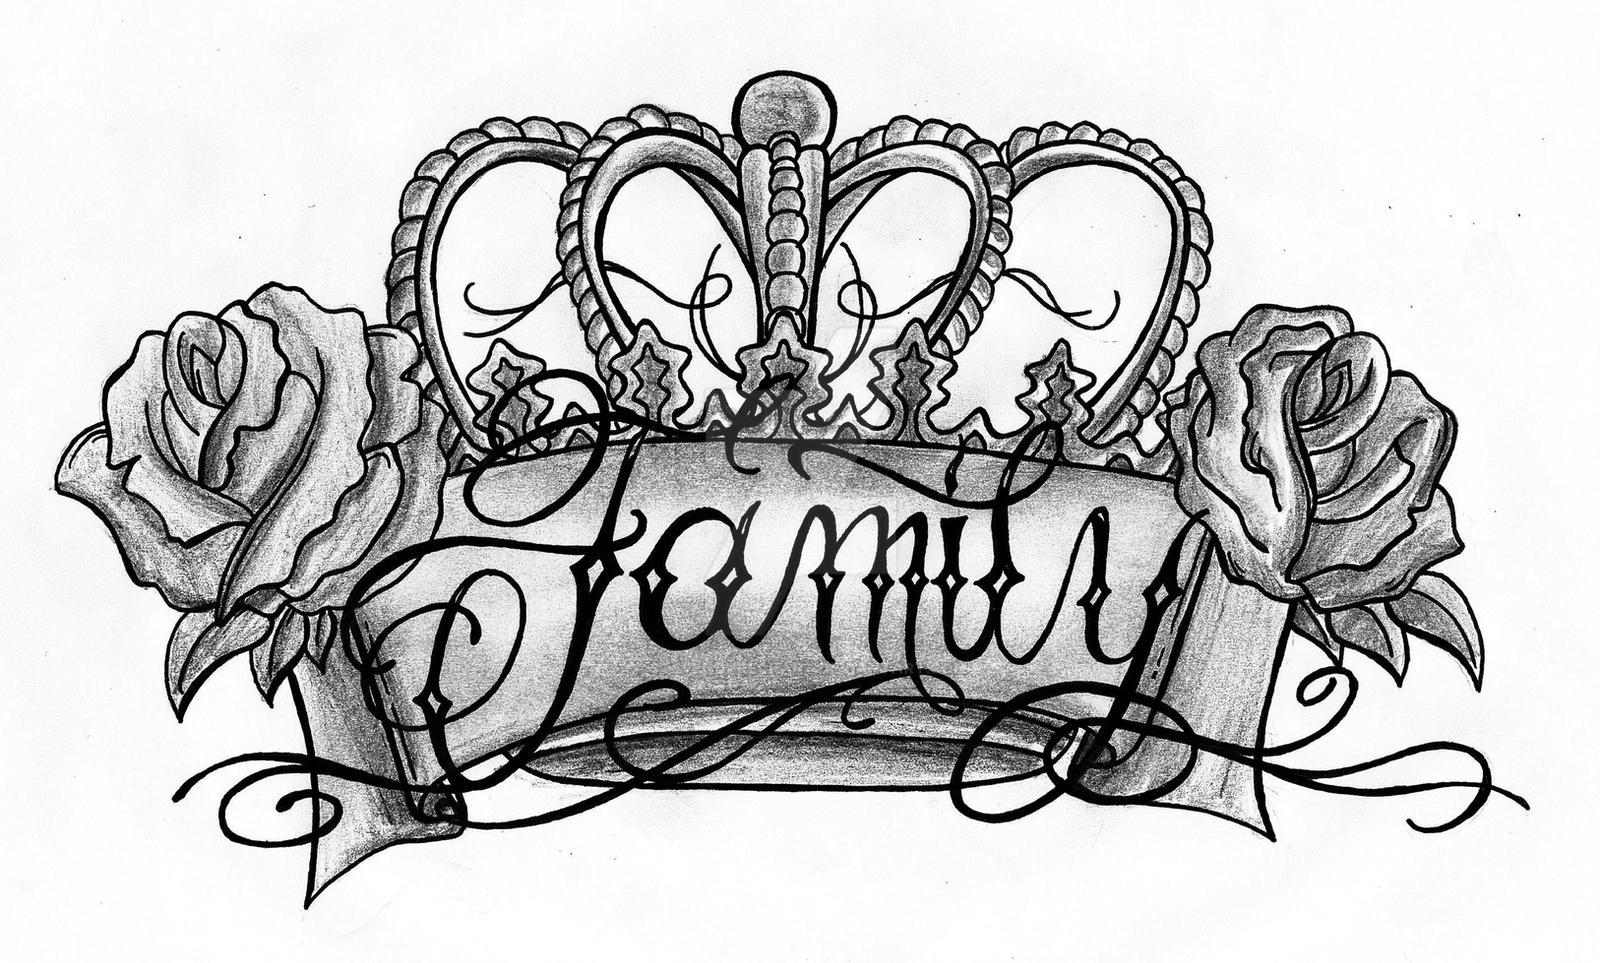 Family Drawing by StevenDureckArt on DeviantArt